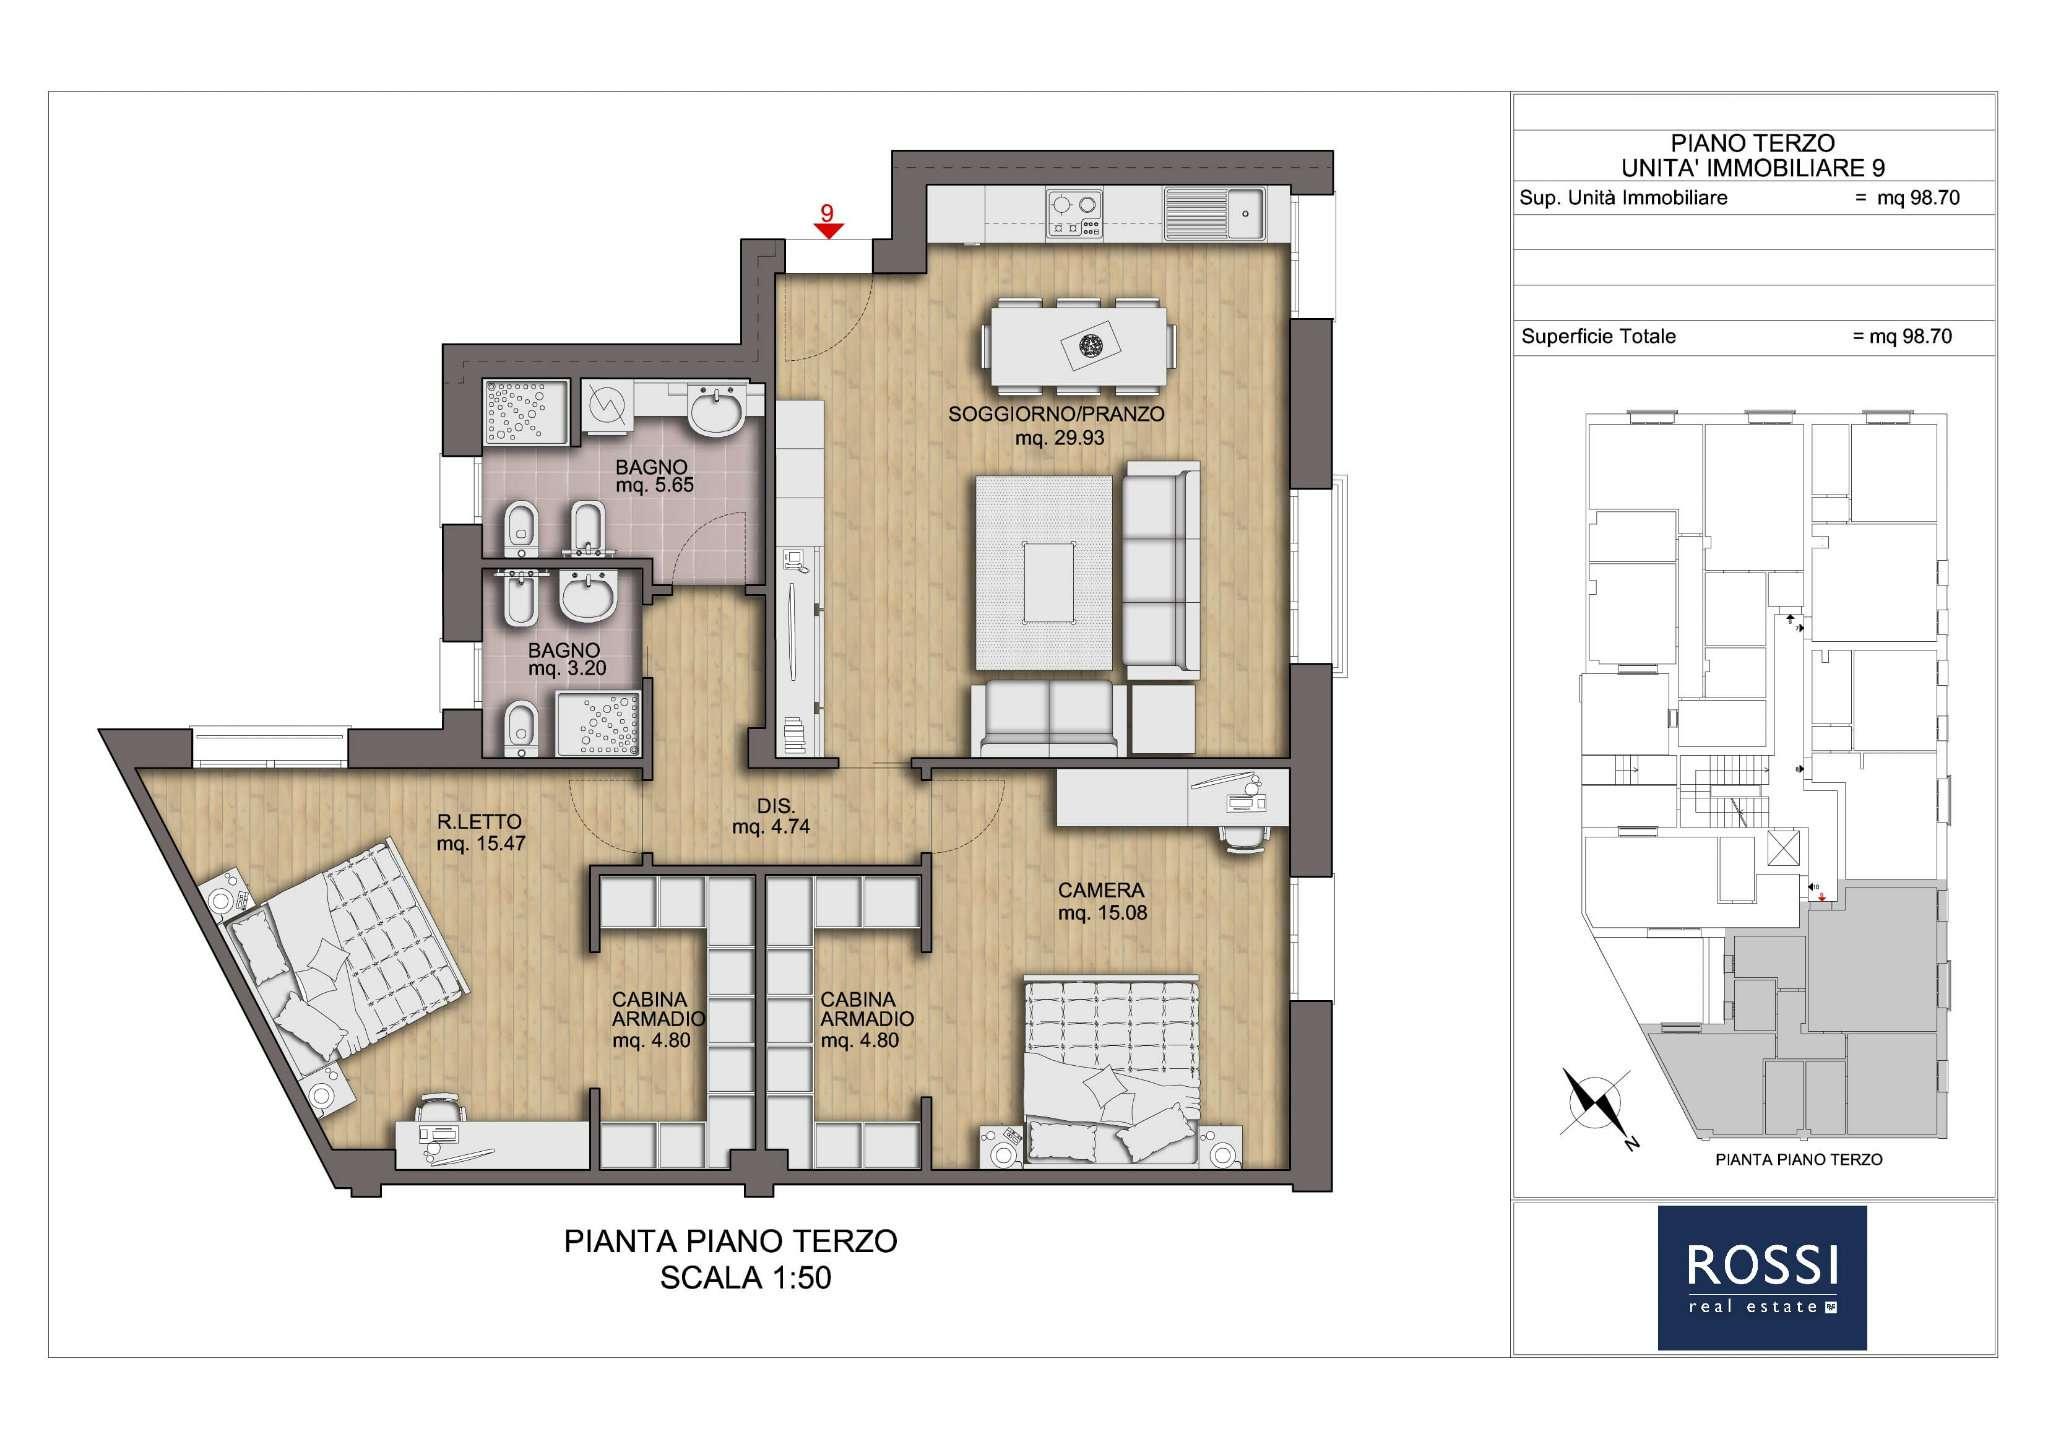 Pianta Camera Da Letto Matrimoniale : Annunci immobiliari inserzionista rossi real estate sas di rimini